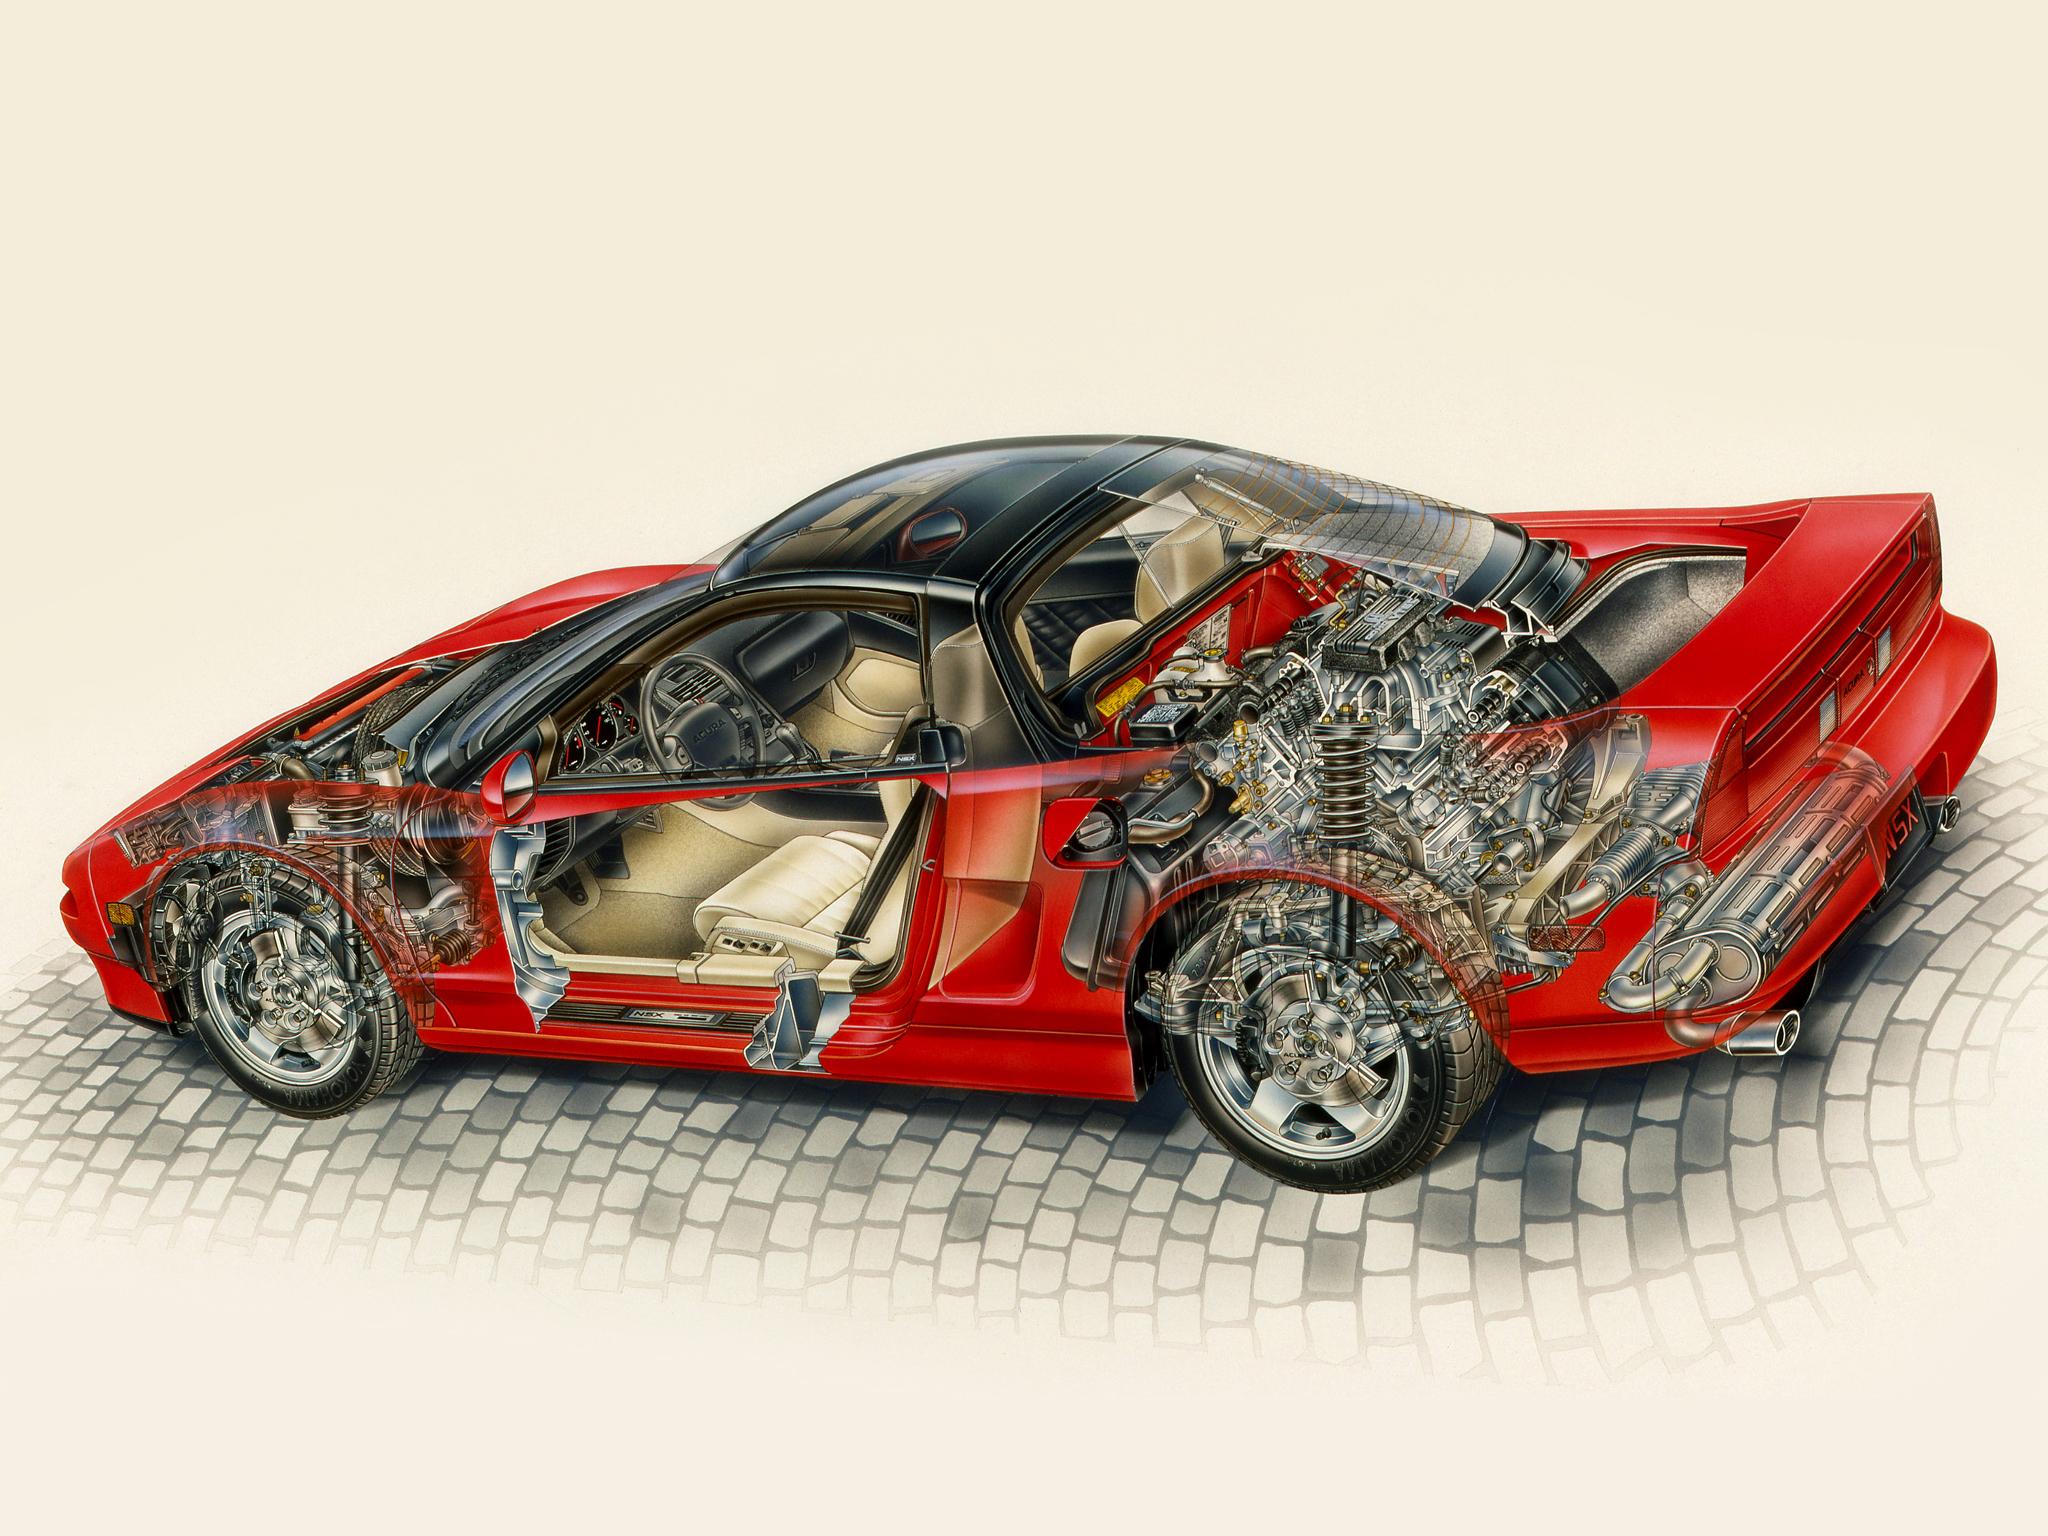 Acura Nsx Supercar Supercars Interior Engine Engines